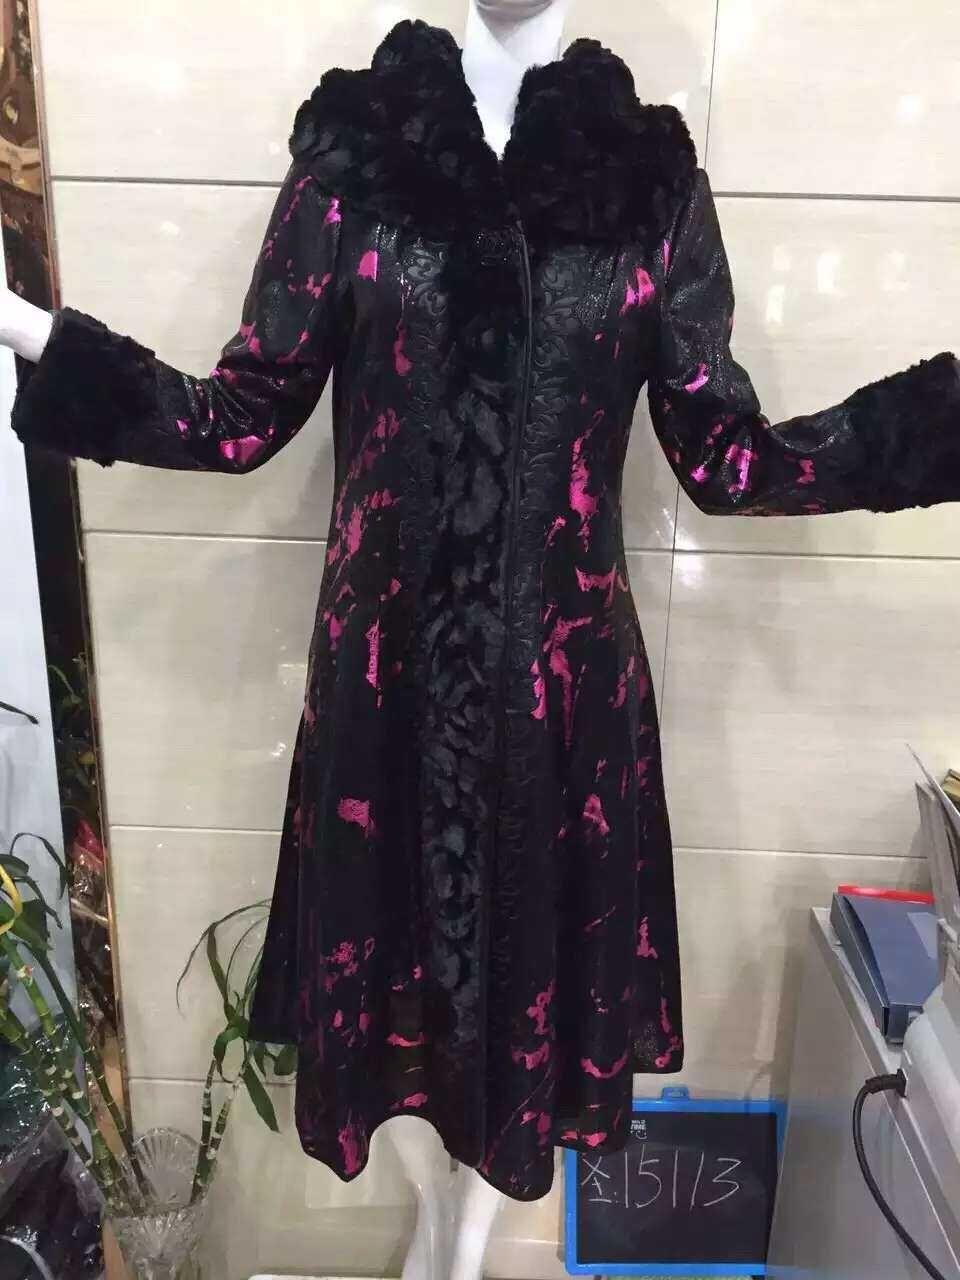 泽泽圣雪儿15116正品秋季新款加肥加大码女装中长款羊毛风衣外套